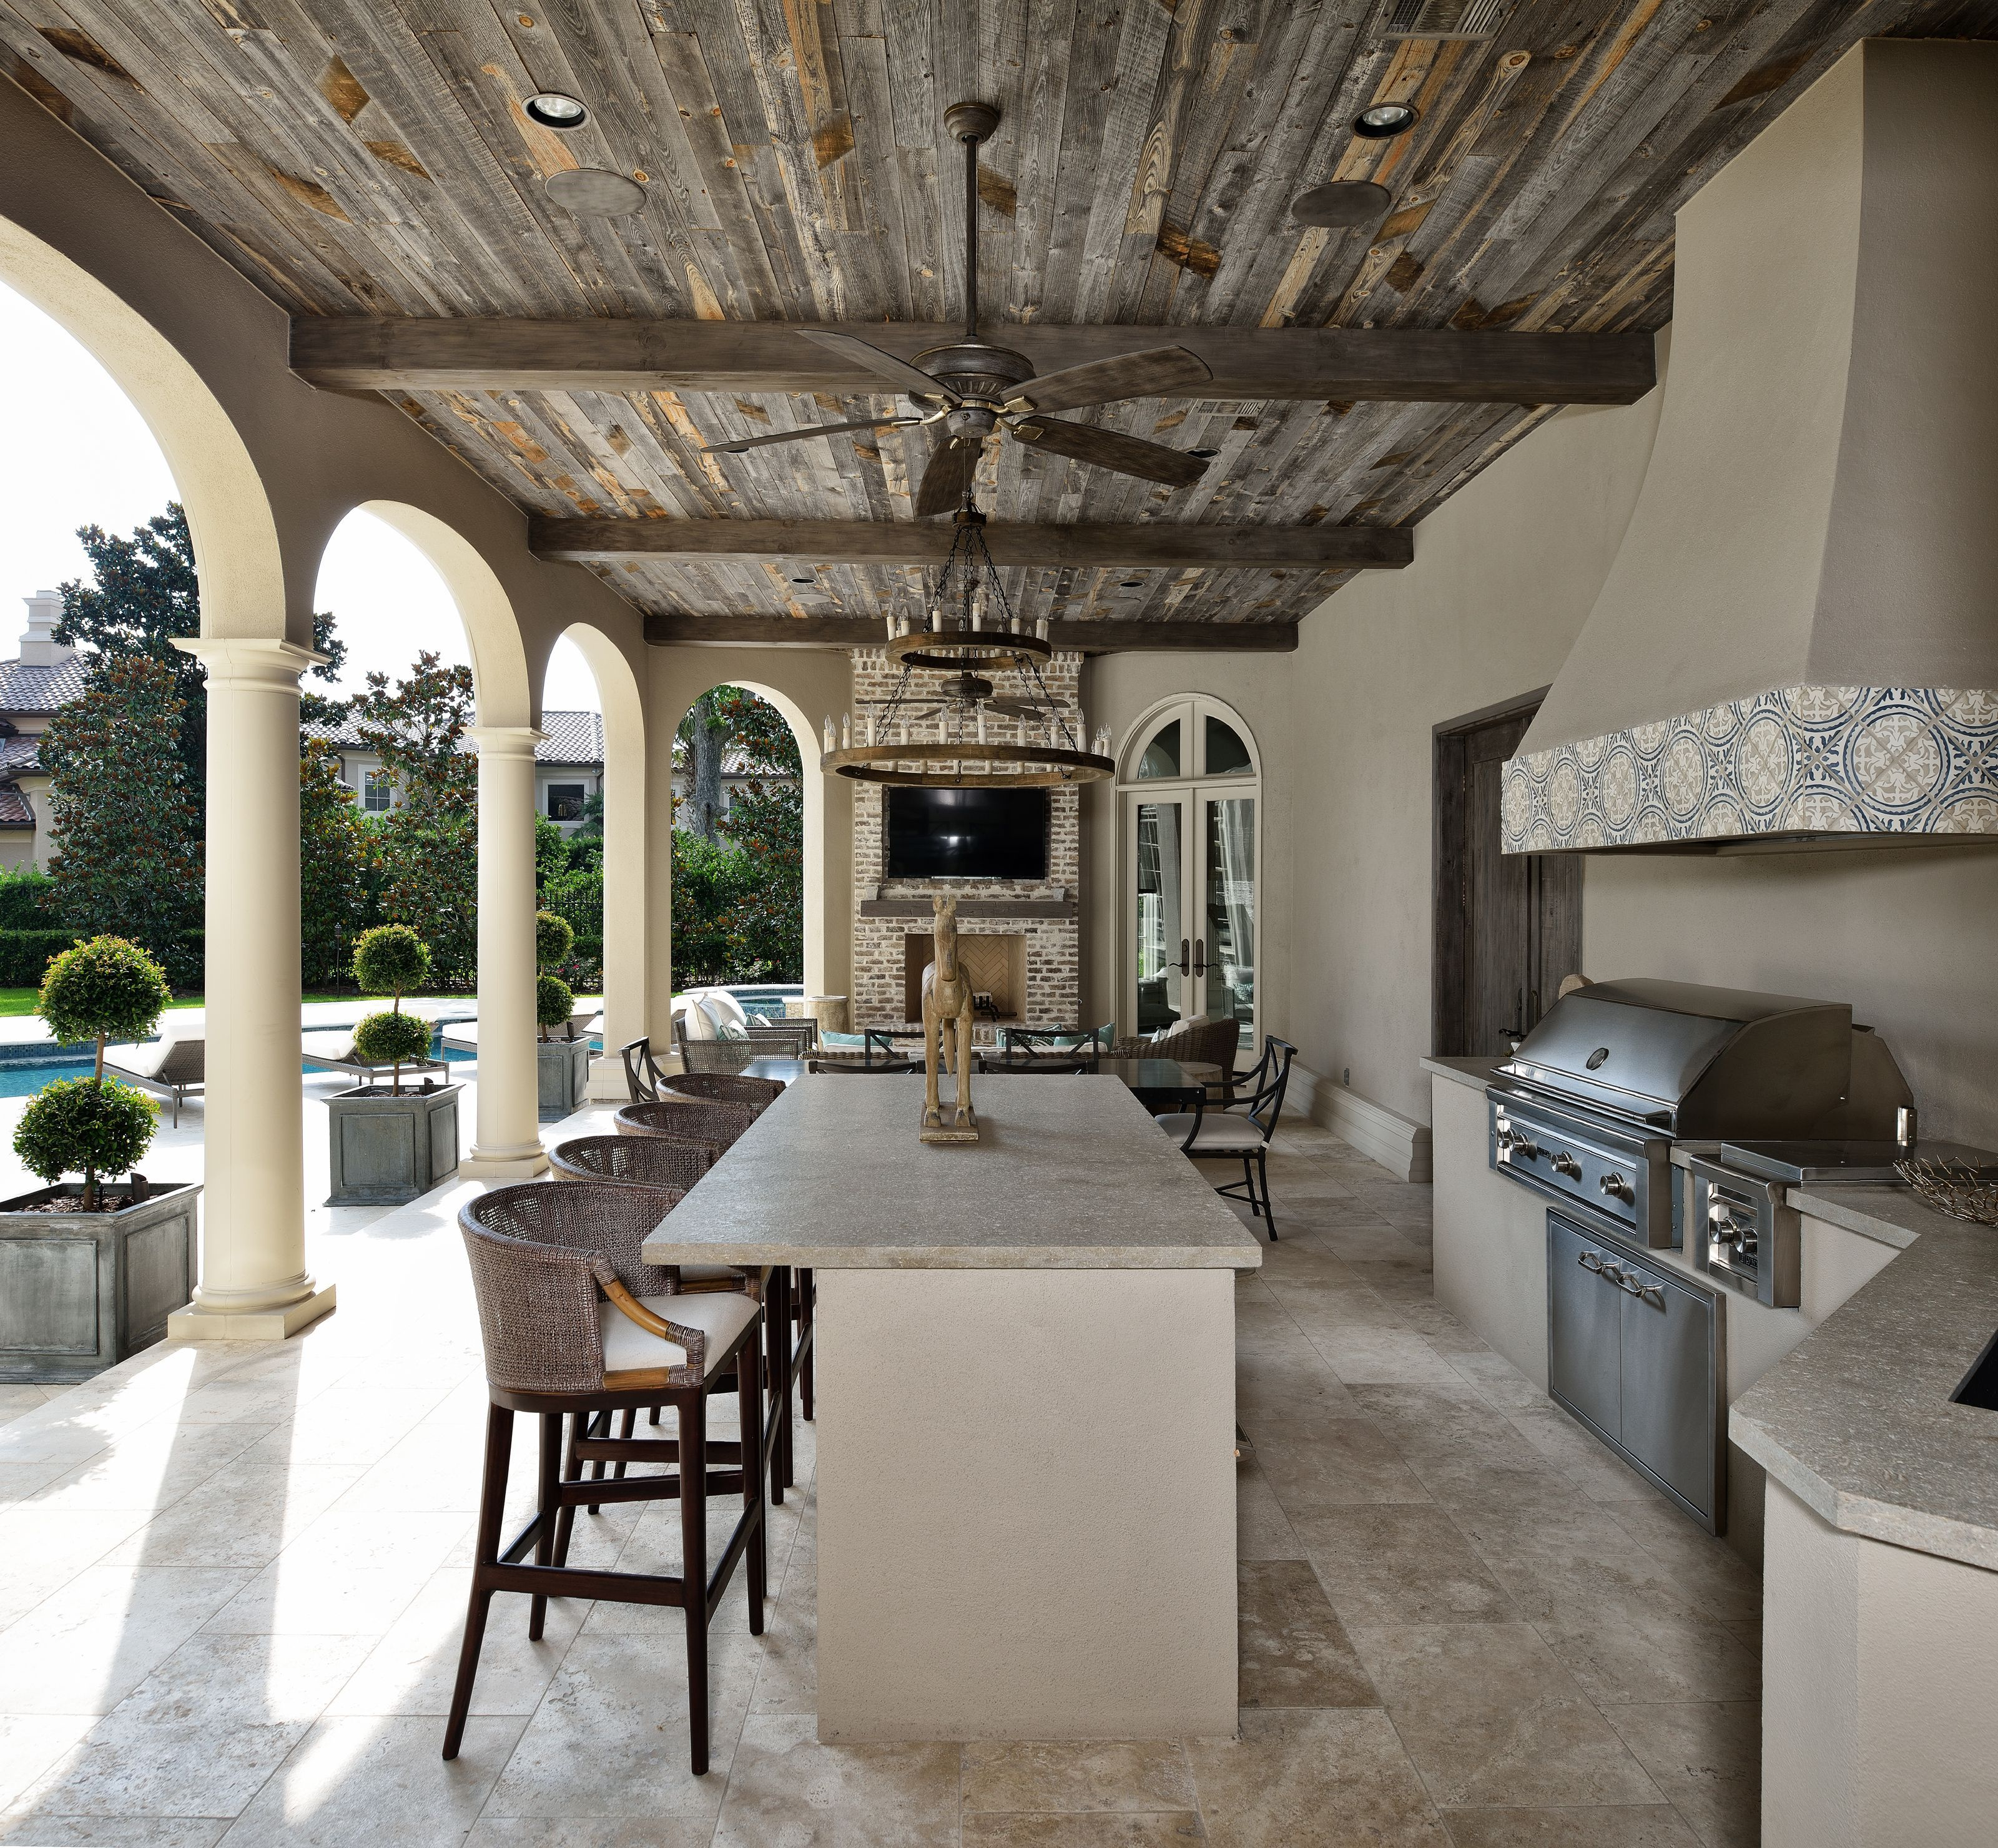 Cindy Witmer Designs Creation De Terrasse Decoration Interieure Villa Pieces A Vivre Dans Le Jardin